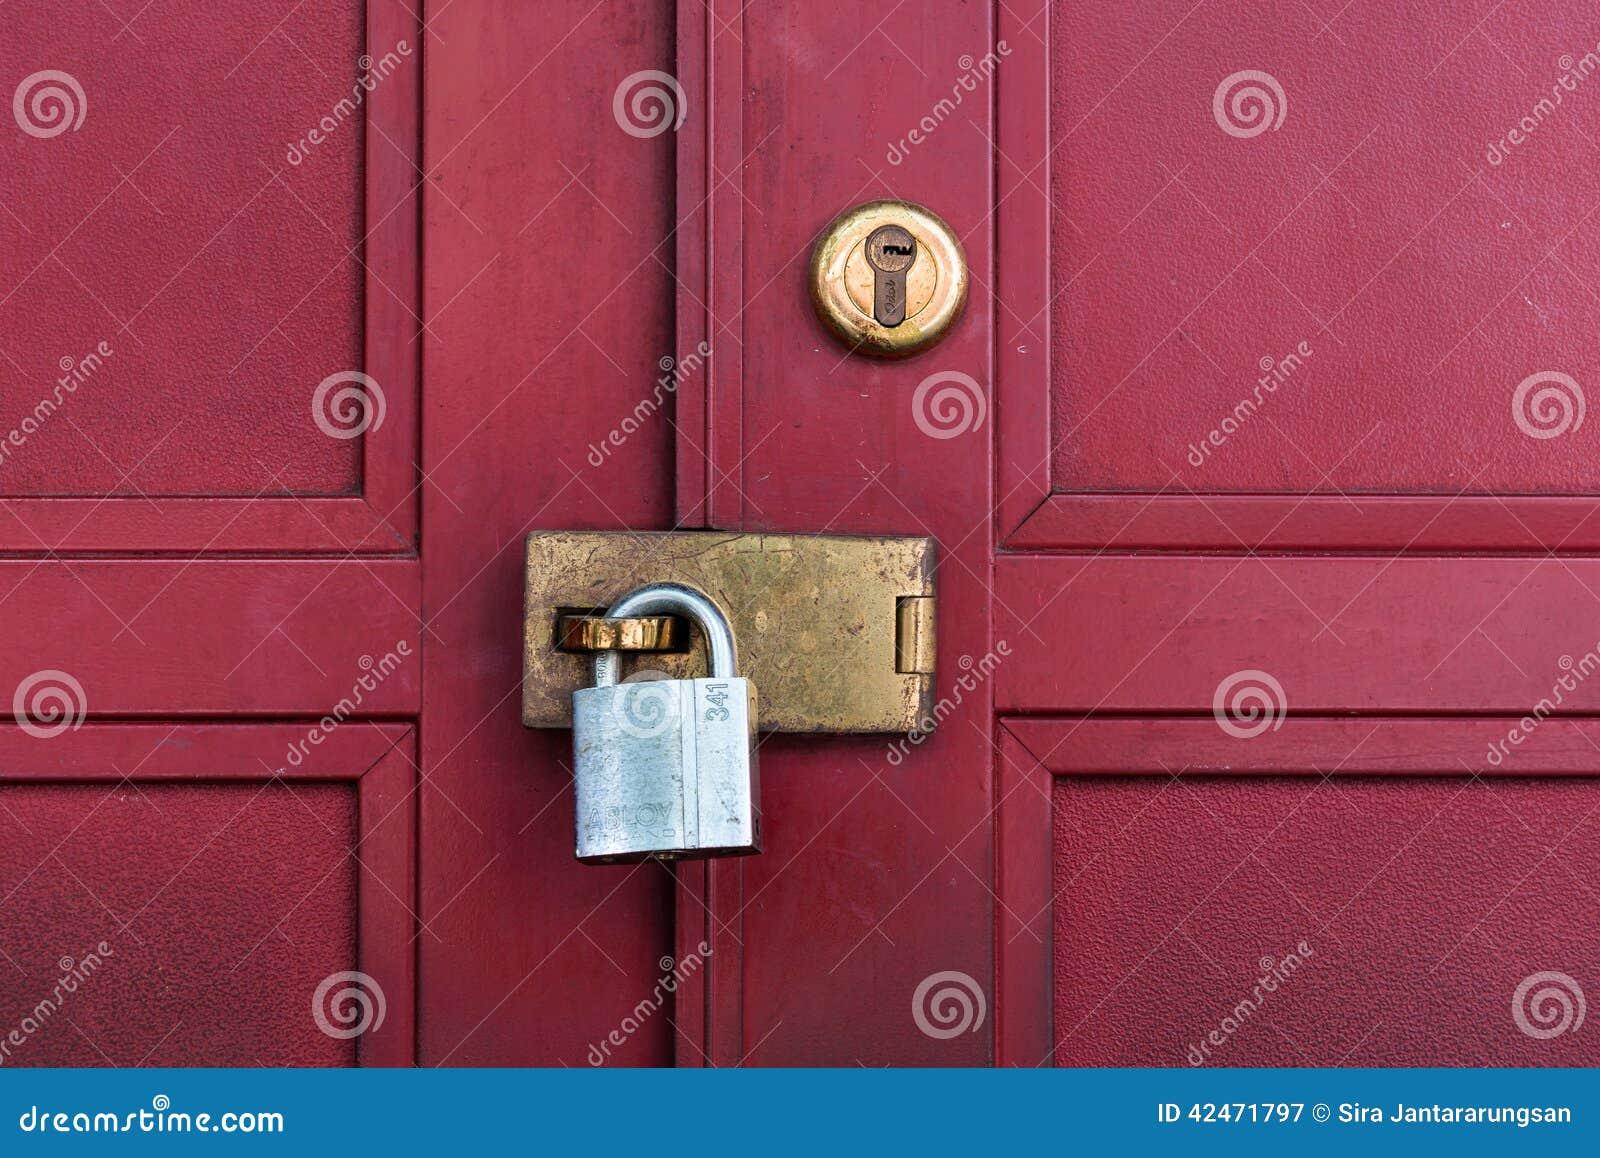 Rote Tür mit Verriegelung